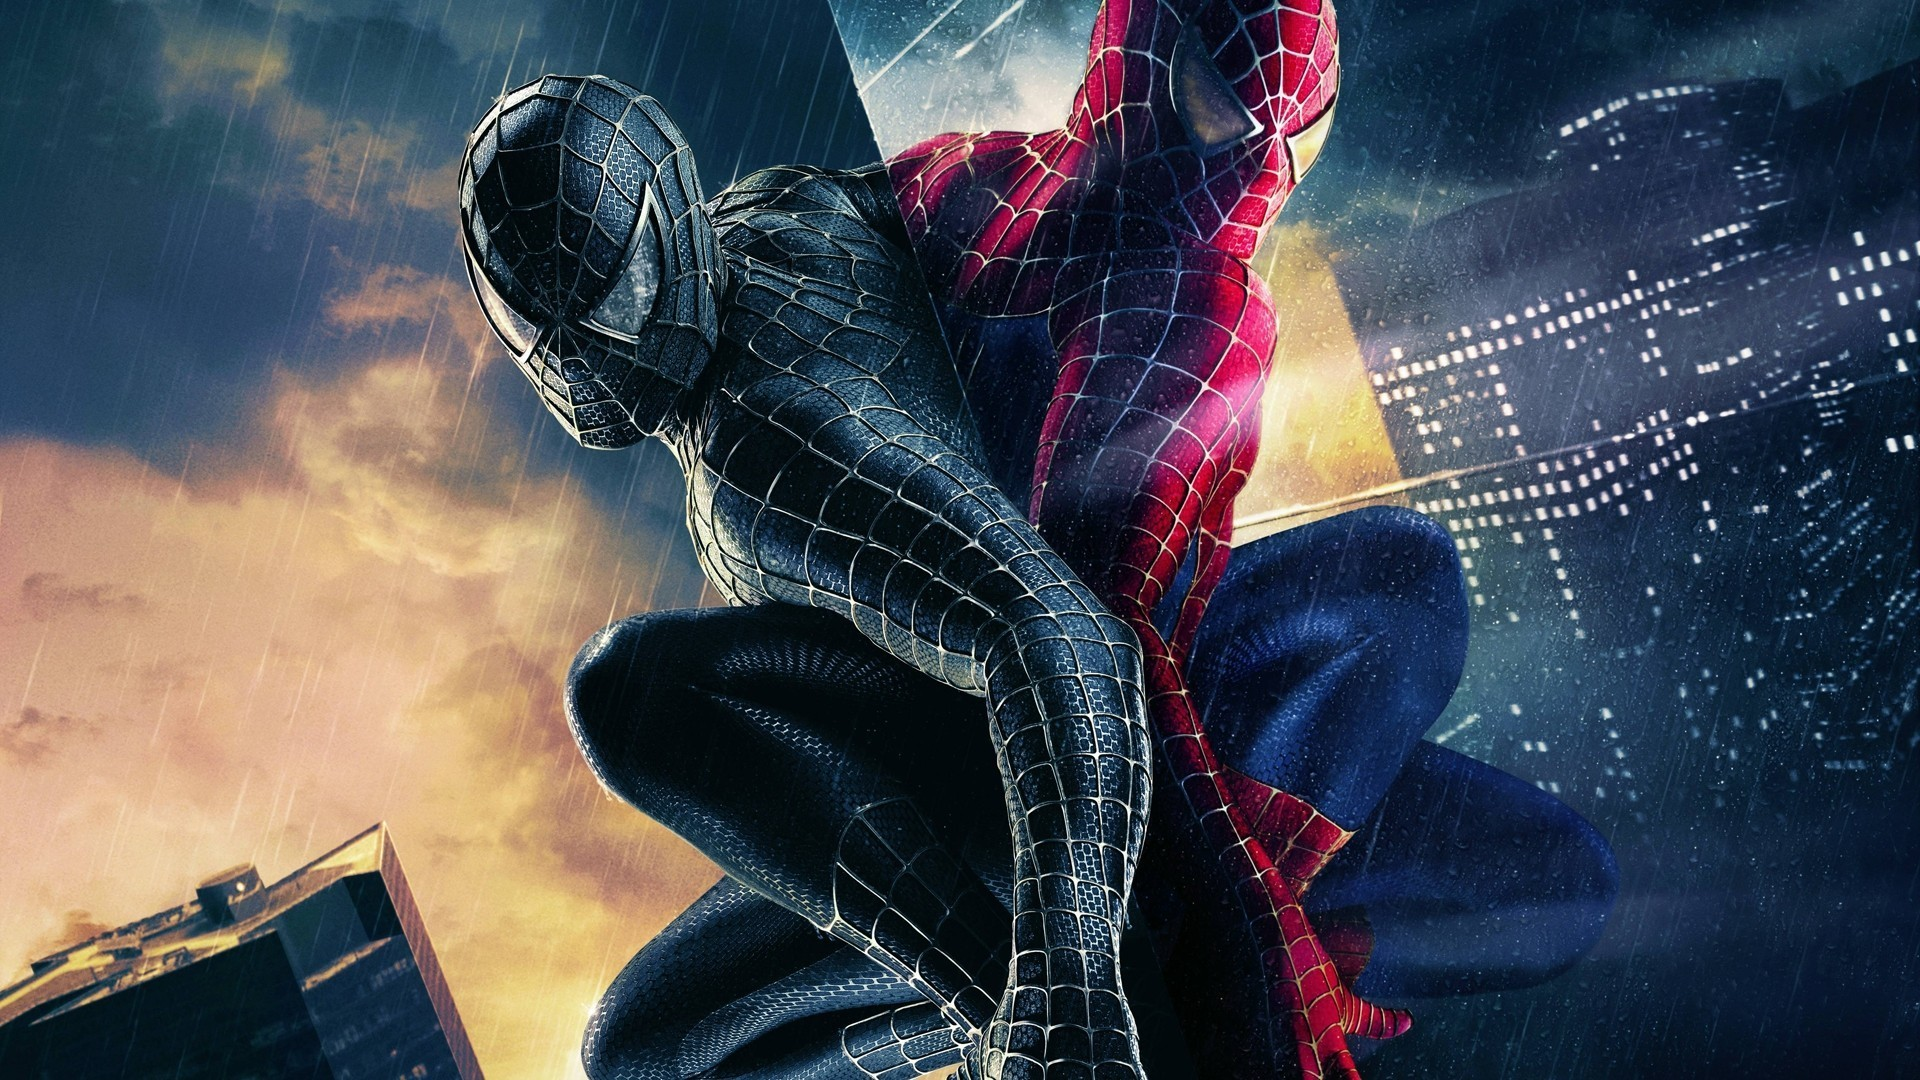 Spiderman Logo Wallpaper Hd 1080p Spiderman   1920x1080 1920x1080